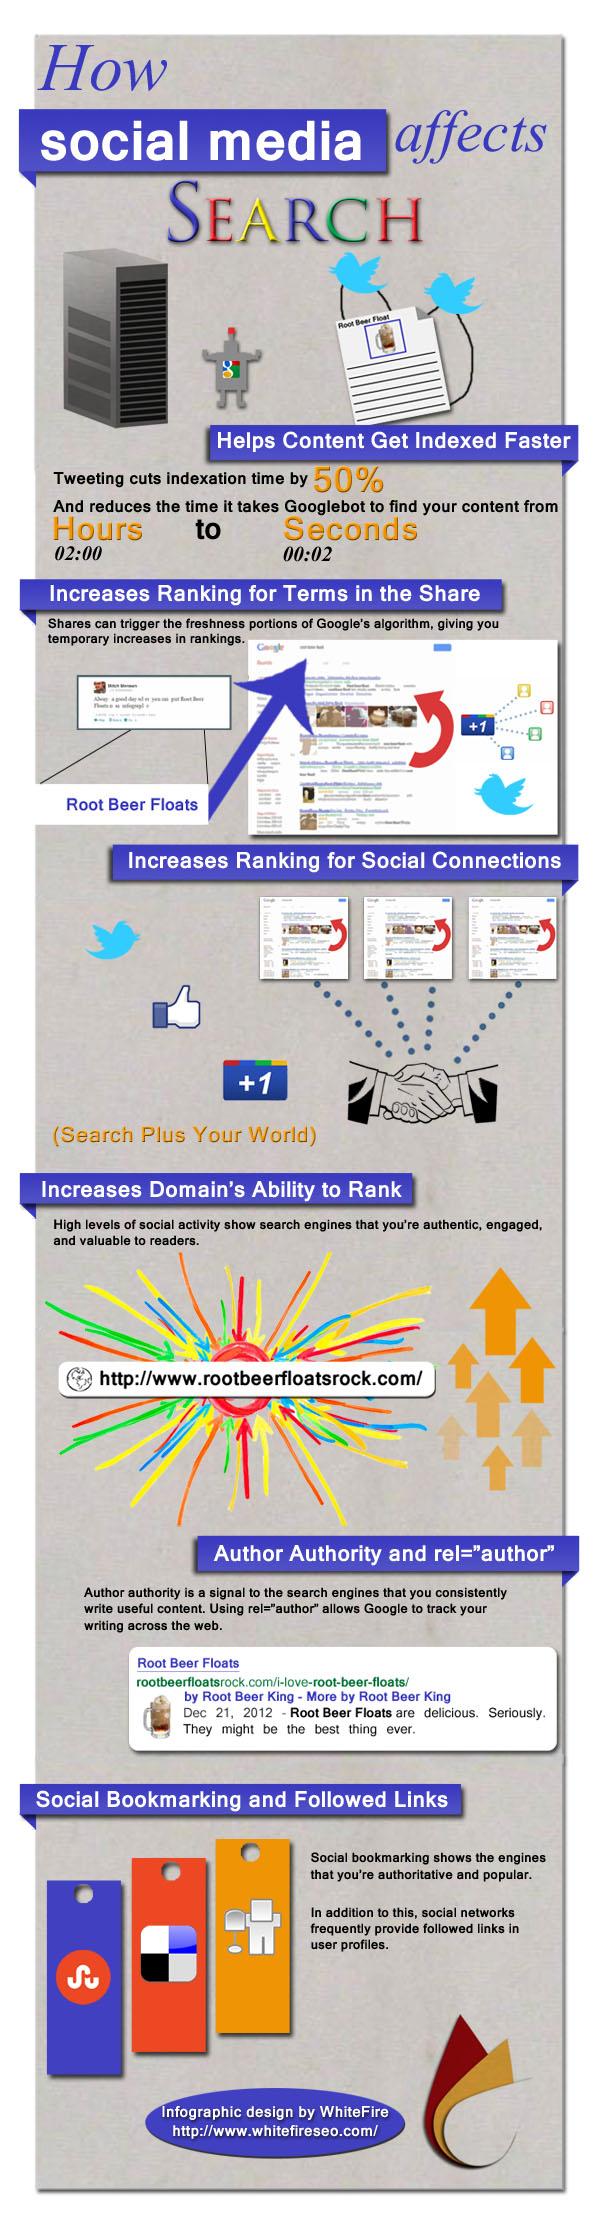 Infographie sur l'influence des médias sociaux sur la recherche